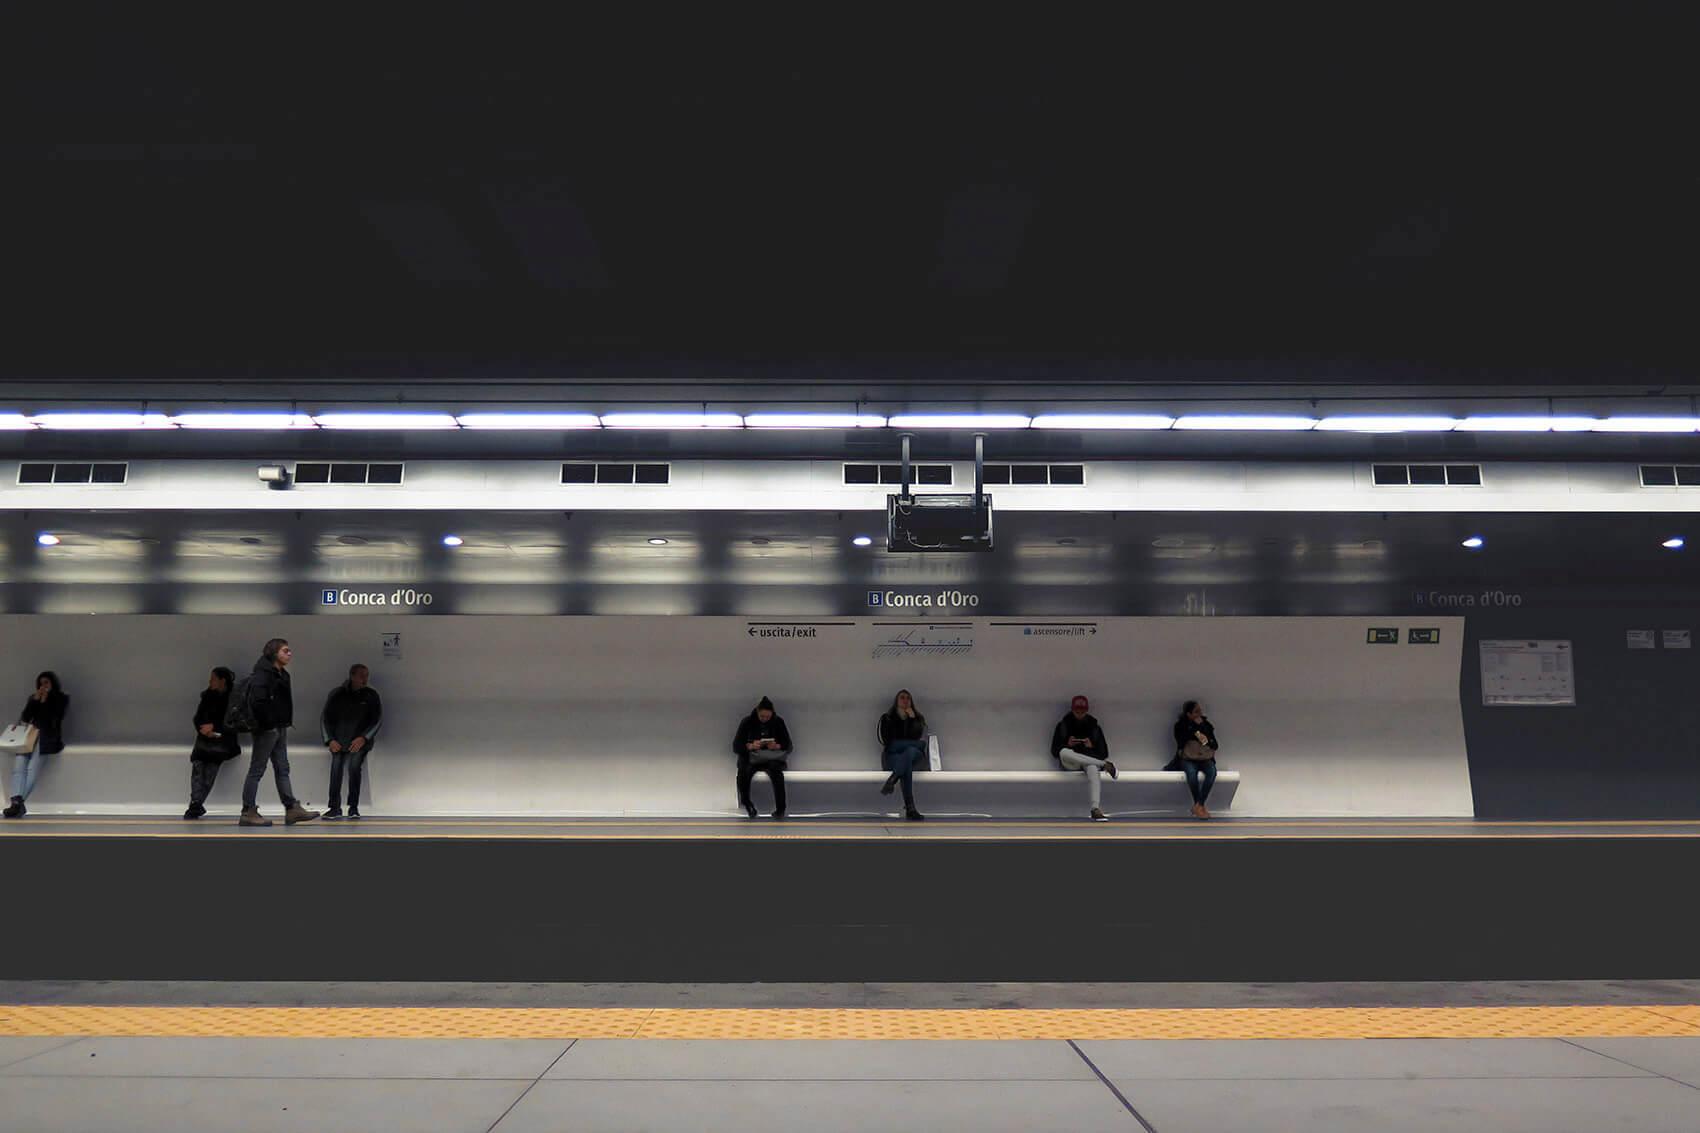 Down in an underground station